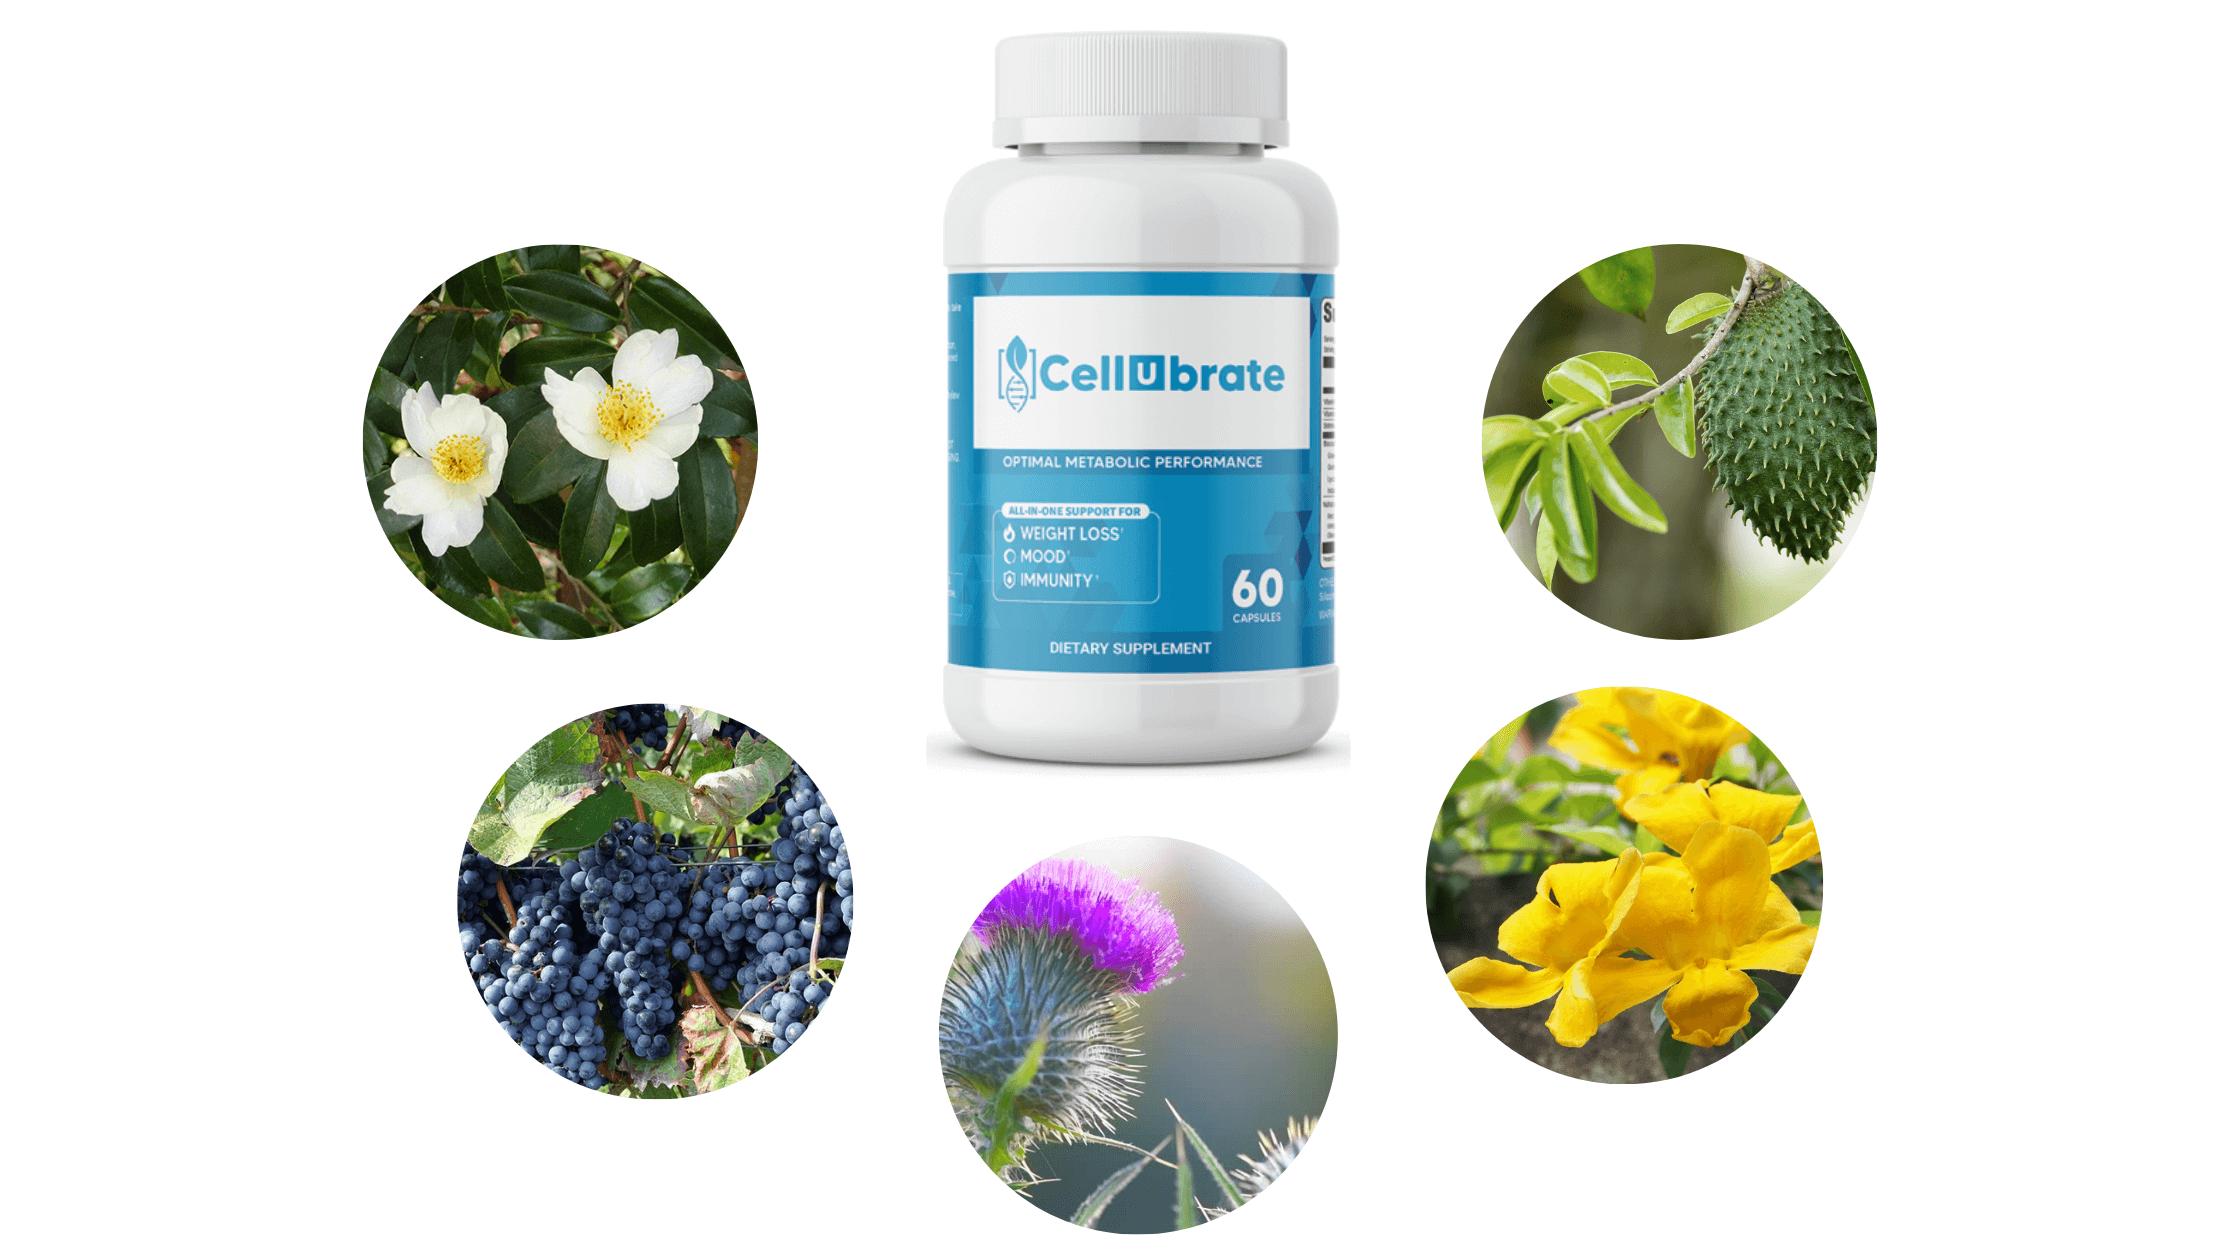 cellubrate capsule Ingredients